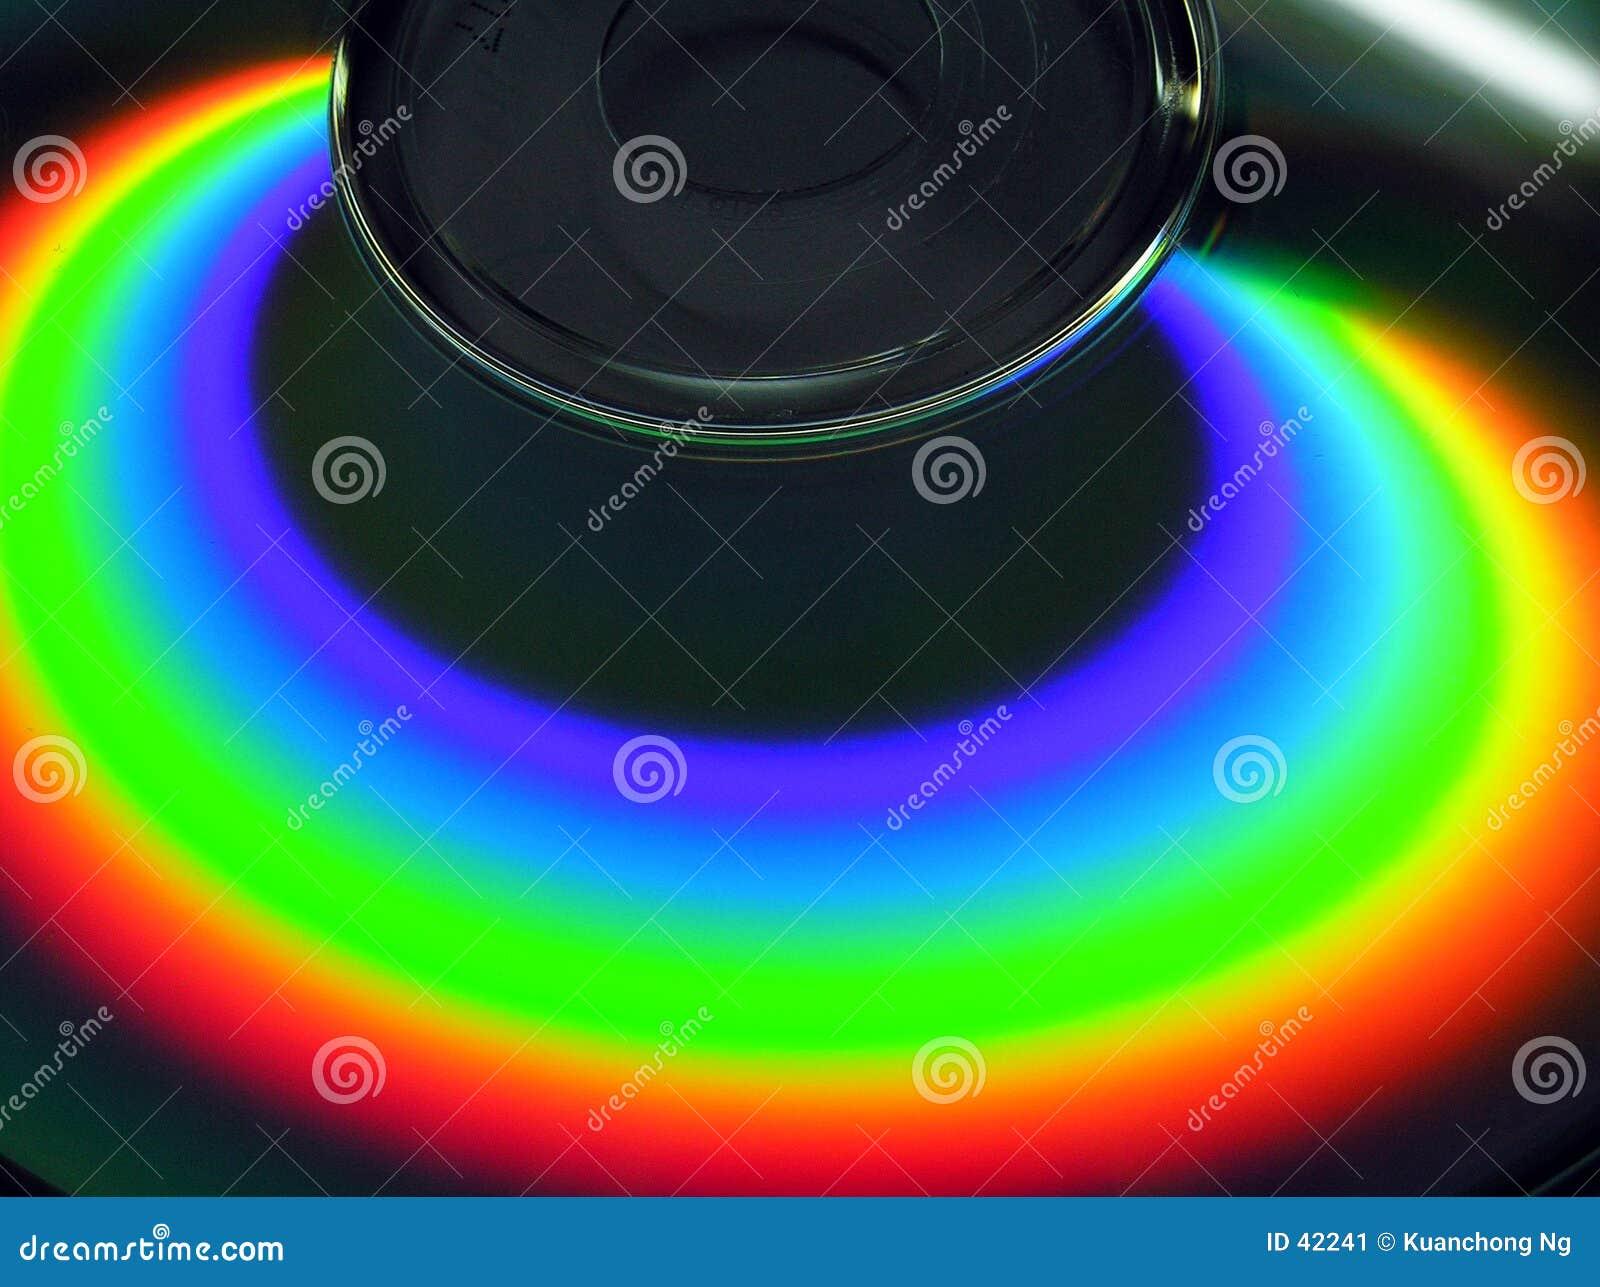 Rainbow on CD